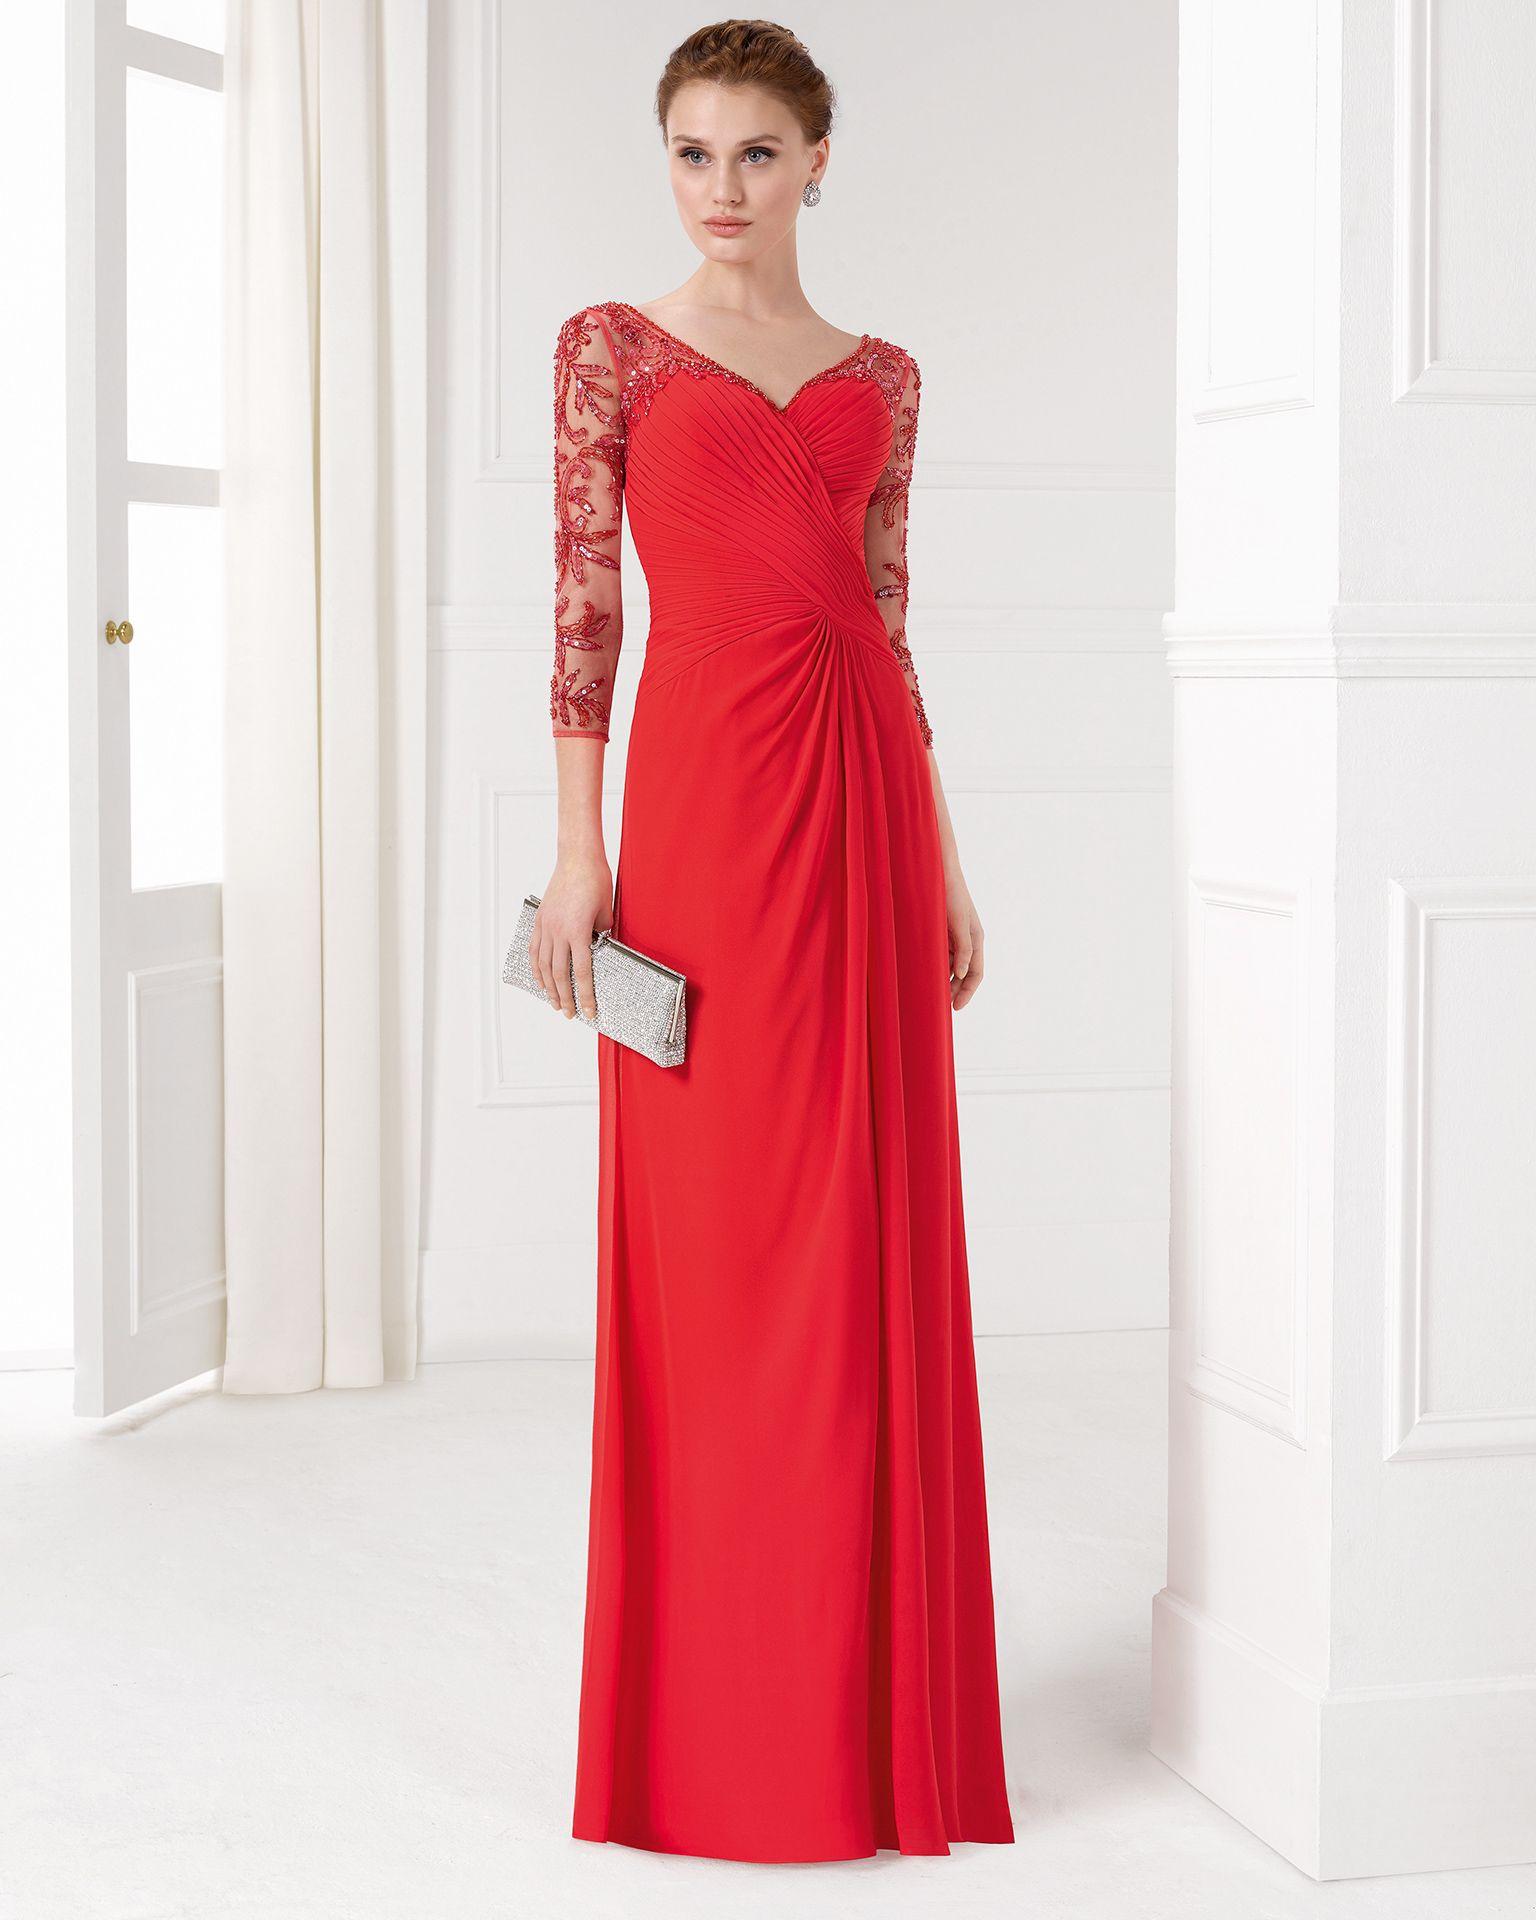 Affordable Wedding Gowns In Manila: Vestido De Cerimónia De Chiffon Com Brilhantes E